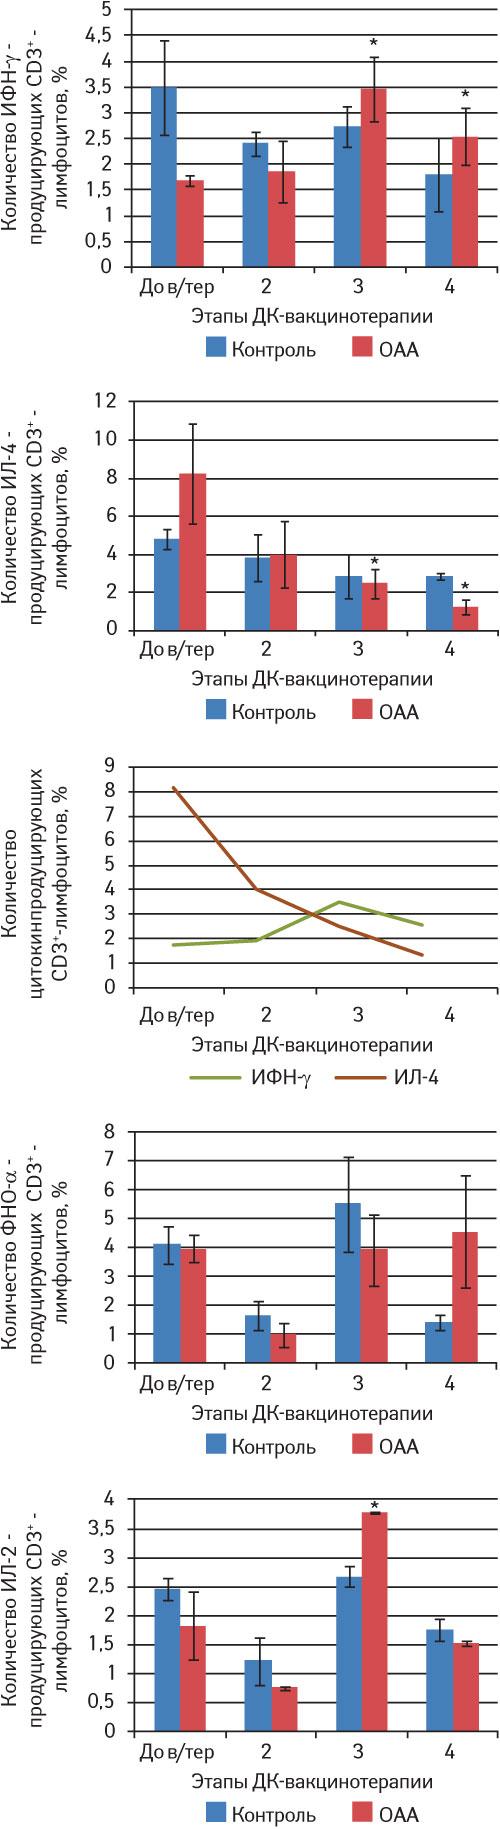 11625 5 Разработка, обоснование иоценка эффективности противоопухолевой вакцинотерапии наоснове дендритных клеток убольных созлокачественными новообразованиями